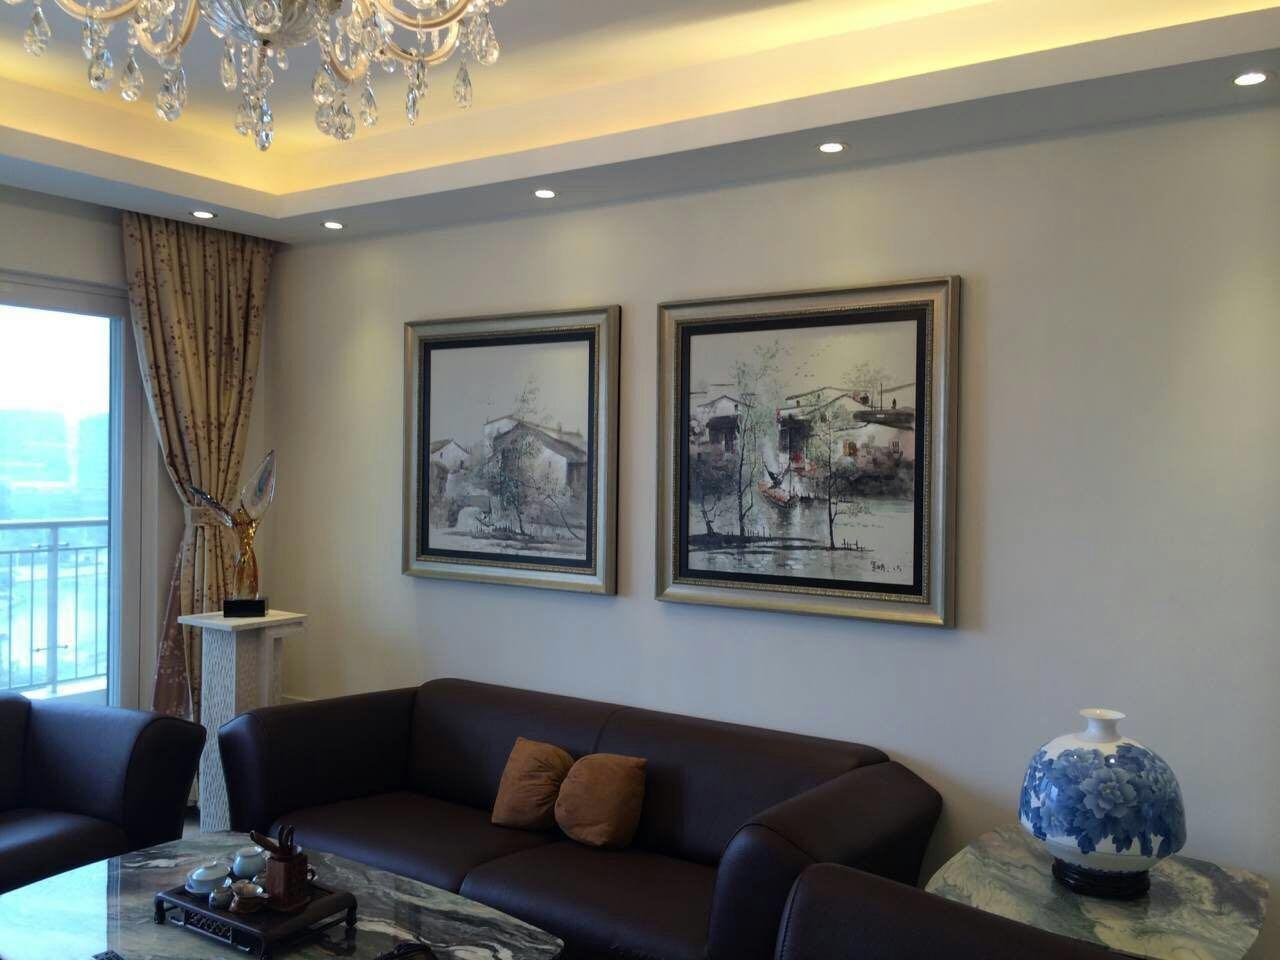 欧式 旧房改造 80后 客厅图片来自fy2365951033在欧式住宅空间的分享